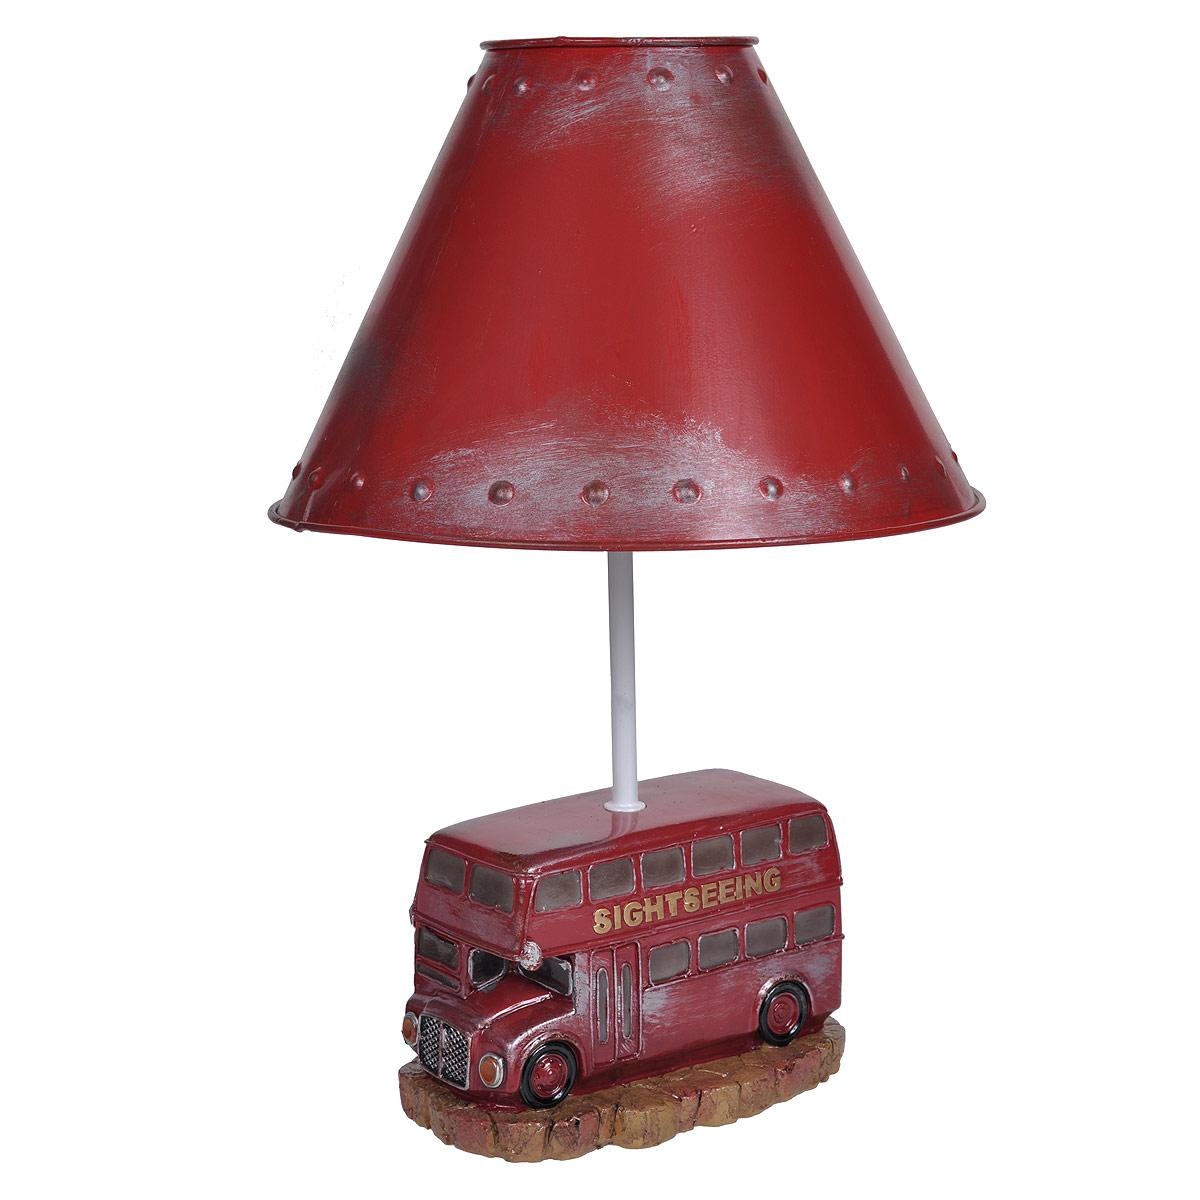 Светильник настольный Красный автобус. 29339SL252 403 08Настольный светильник, изготовленный из полирезины, выполнен в виде двухэтажного красного автобуса и оформлен металлическим абажуром красного цвета. Такой светильник прекрасно подойдет для украшения интерьера и создания атмосферы тепла и уюта. Внутри светильника расположена лампа накаливания. Светильник работает от электросети и включается при помощи кнопки на шнуре. Характеристики: Материал: полистоун, металл, пластик. Высота светильника: 39 см. Диаметр абажура: 26 см. Размер основания светильника: 17 см х 11 см. Мощность лампы: 40 Вт. Цоколь: Е27. Напряжение: 220 В, частота 50 Гц. Длина шнура: 150 см.